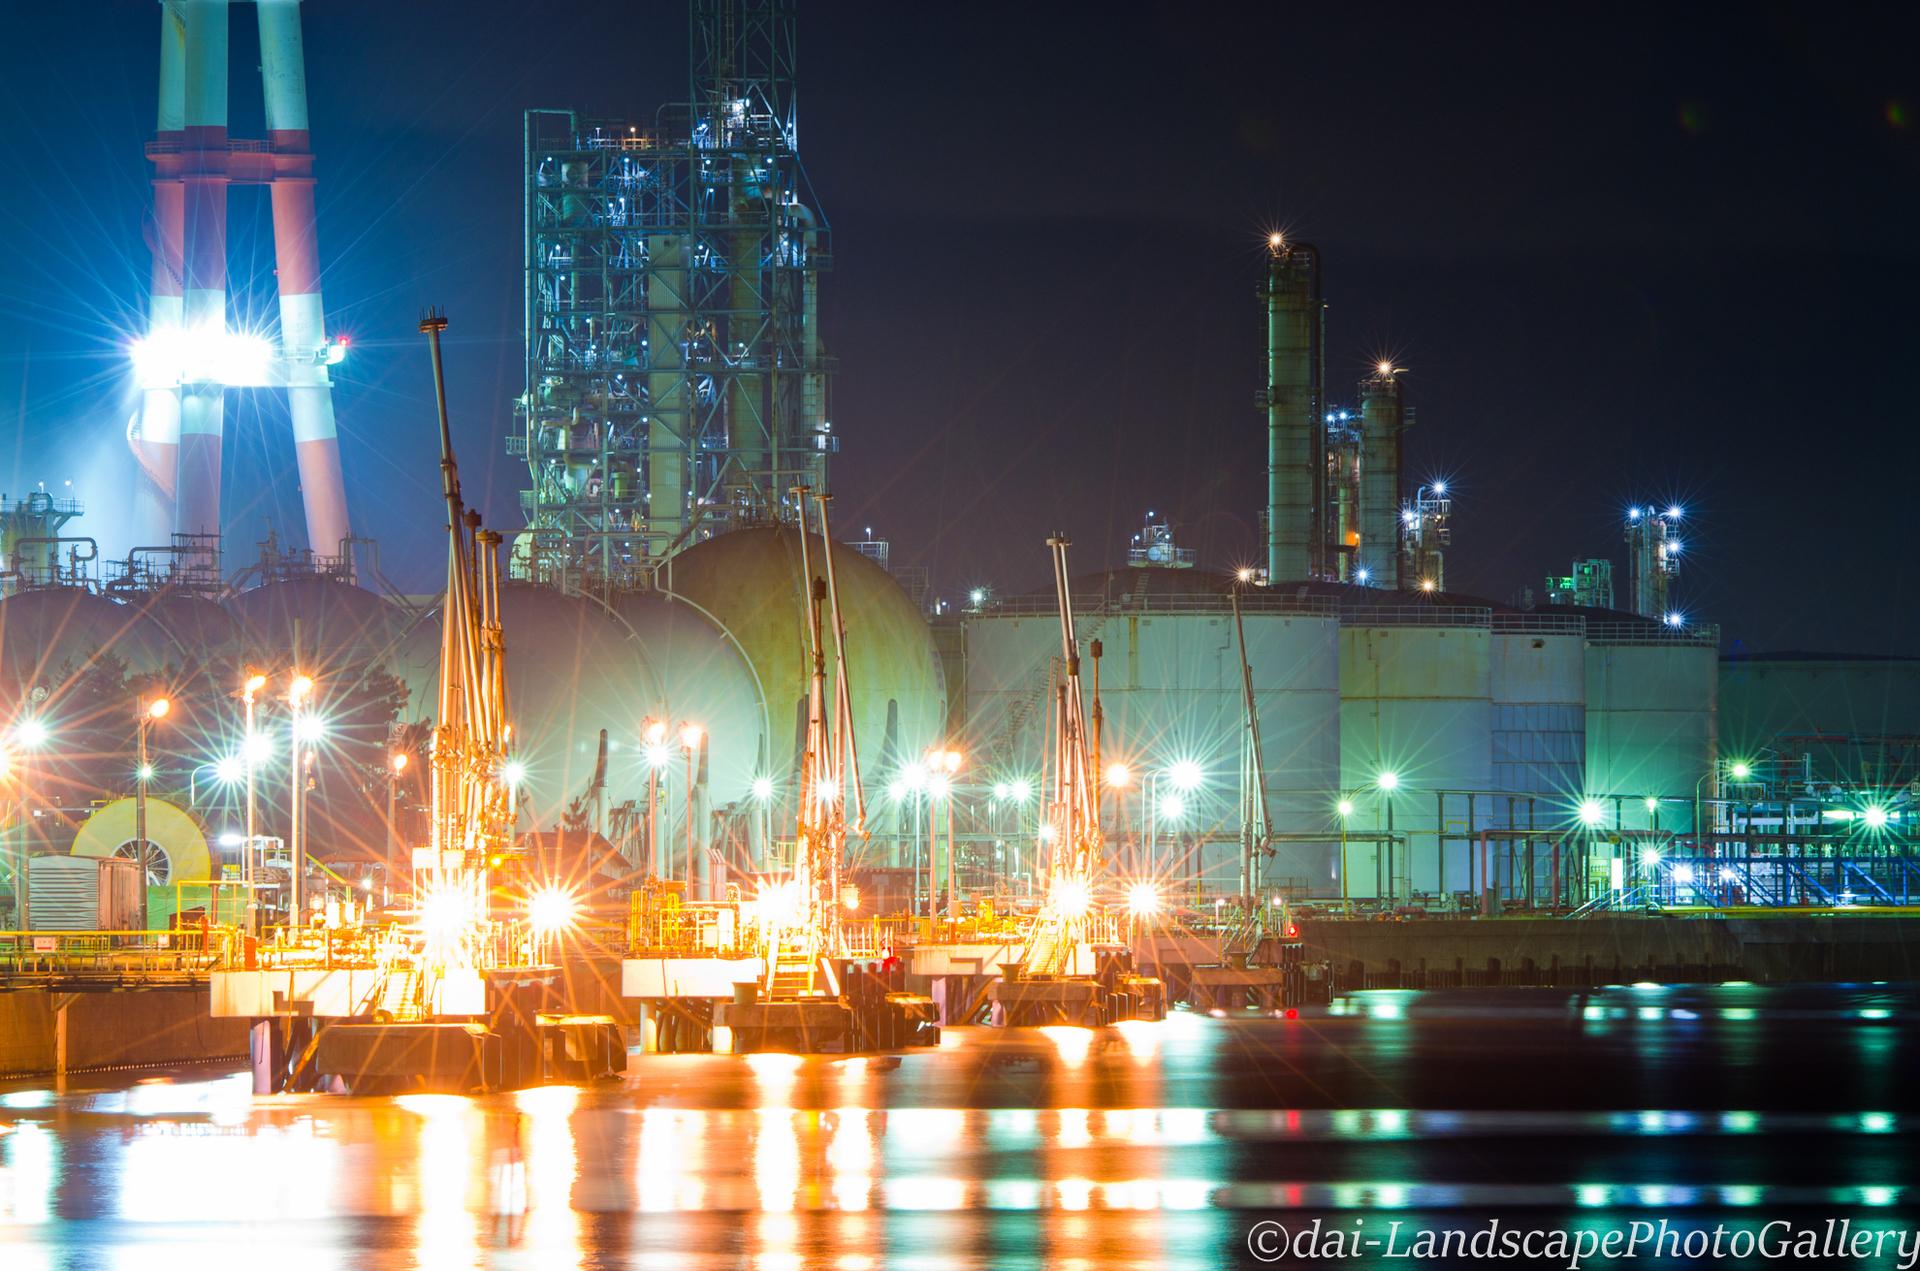 姉ヶ崎港工場夜景